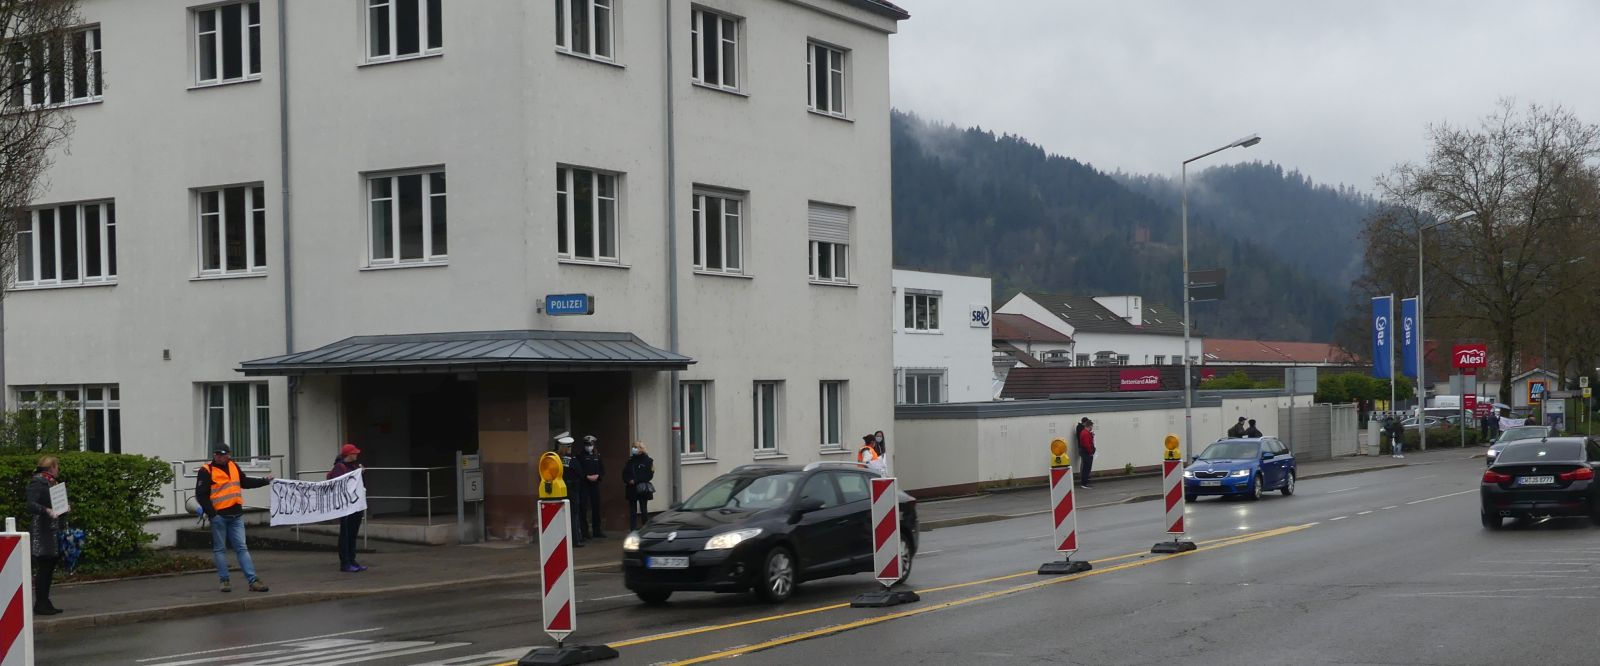 Die Menschenkette beim Polizeirevier. Fotos: him